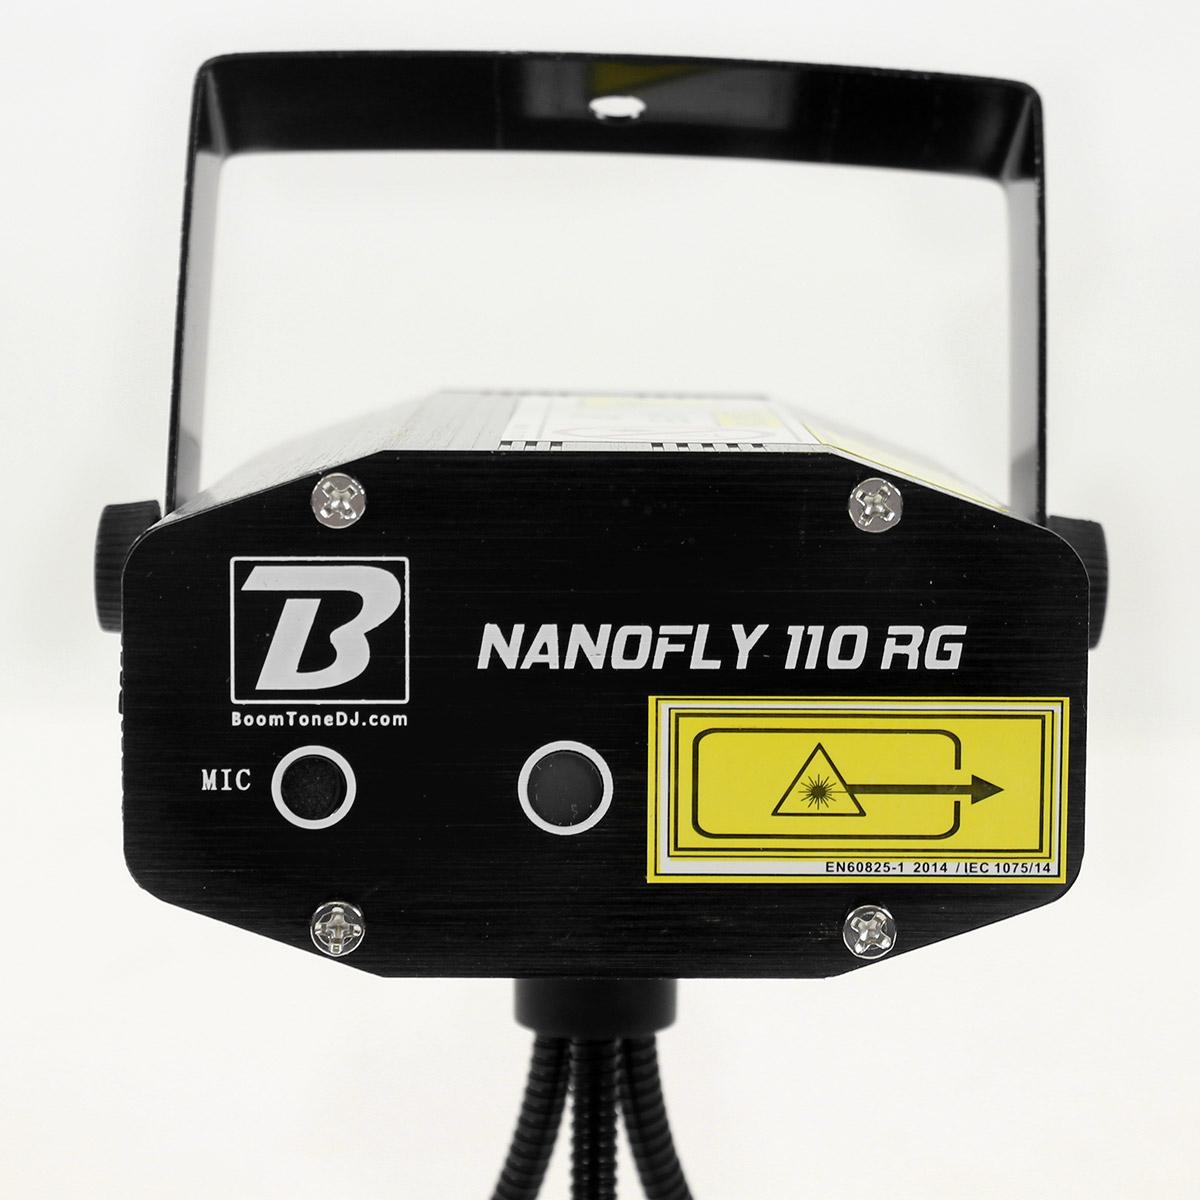 NANOFLY 110 RG